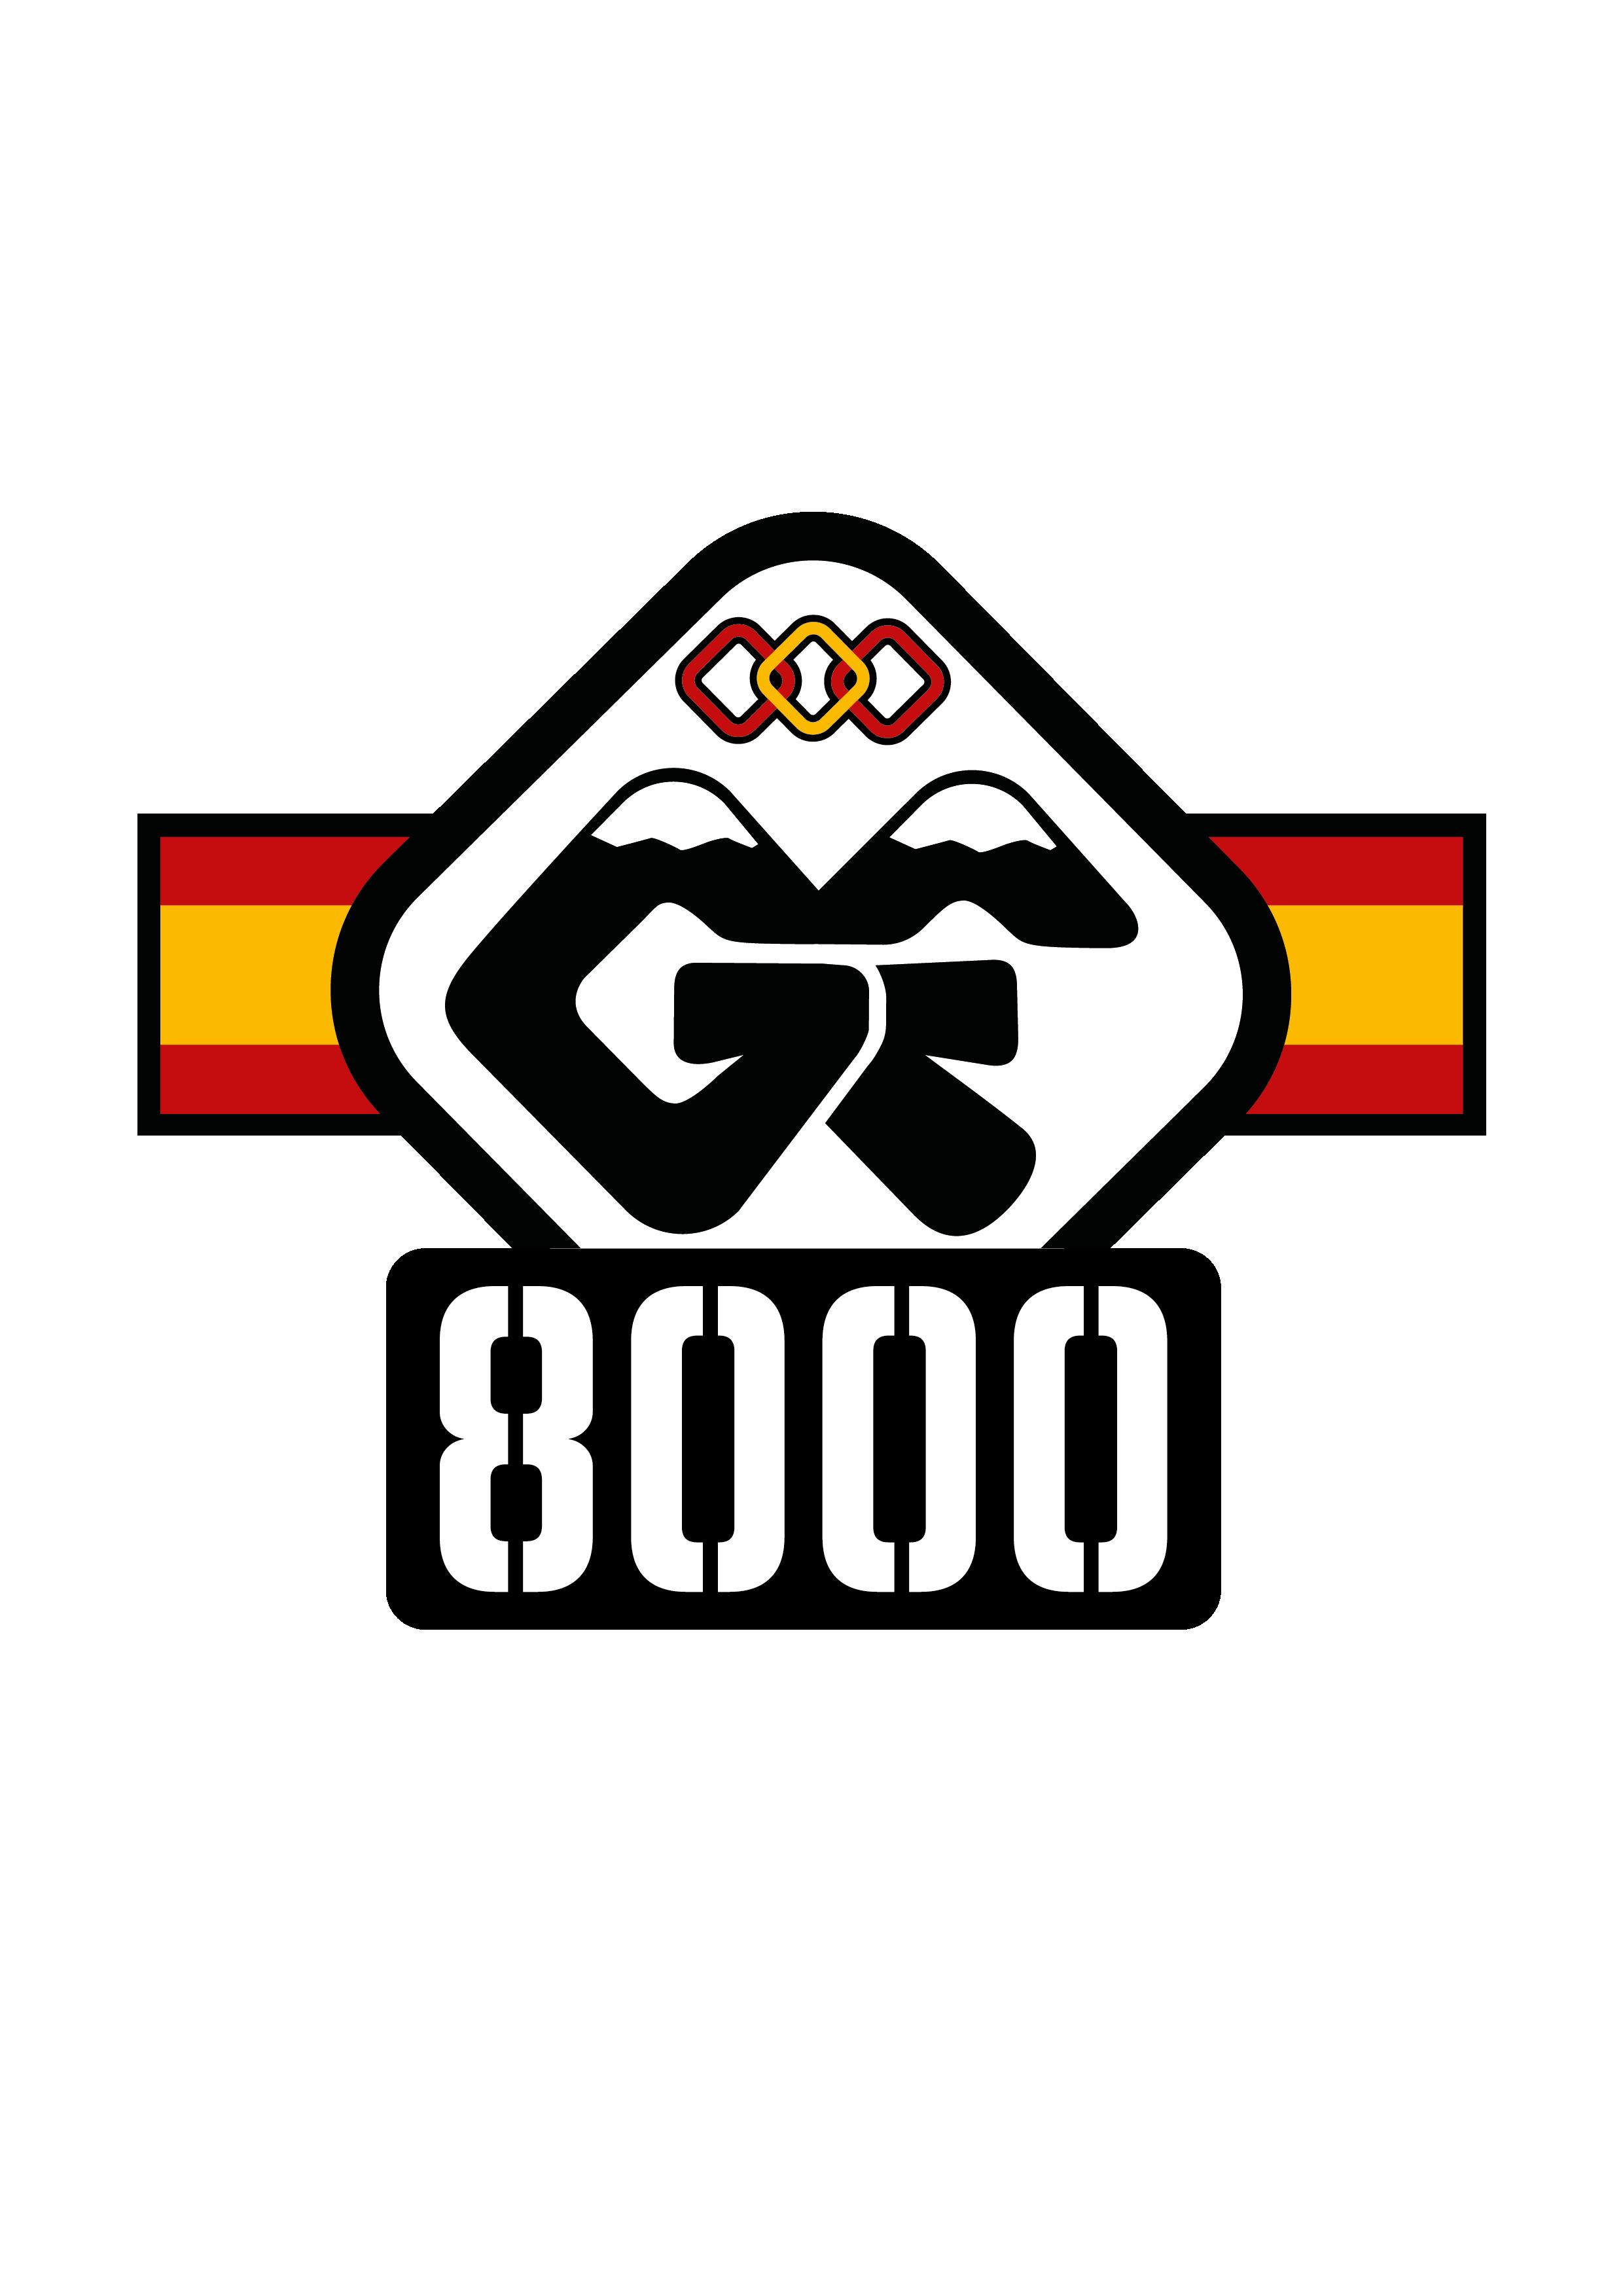 GF8000 - DESAFÍO CICLISTA